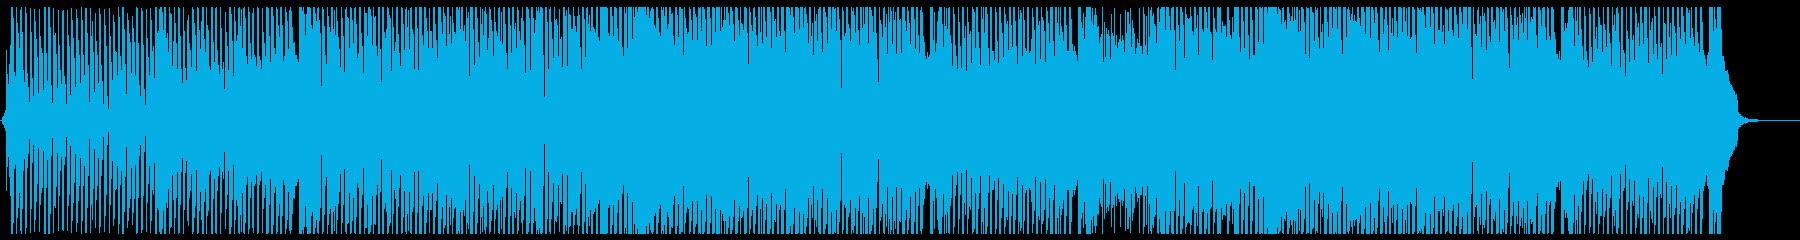 可愛らしいダンスポップ5 フル歌の再生済みの波形